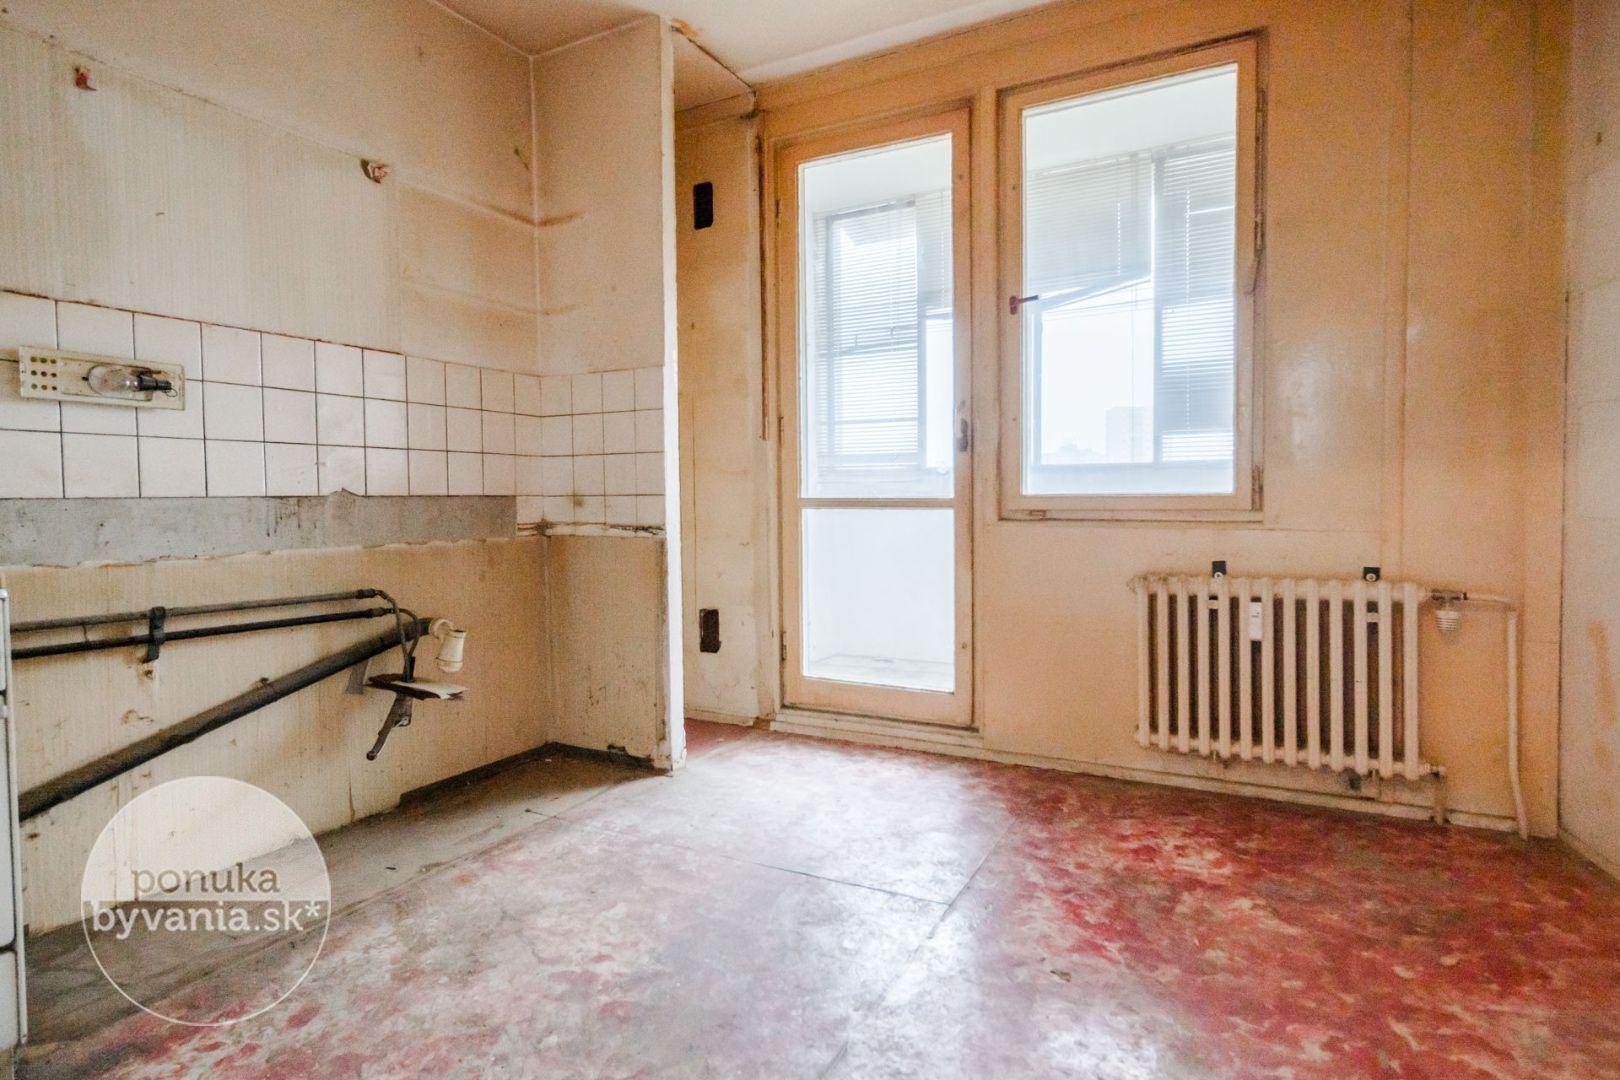 ponukabyvania.sk_Jasovská_4-izbový-byt_KOVÁČ